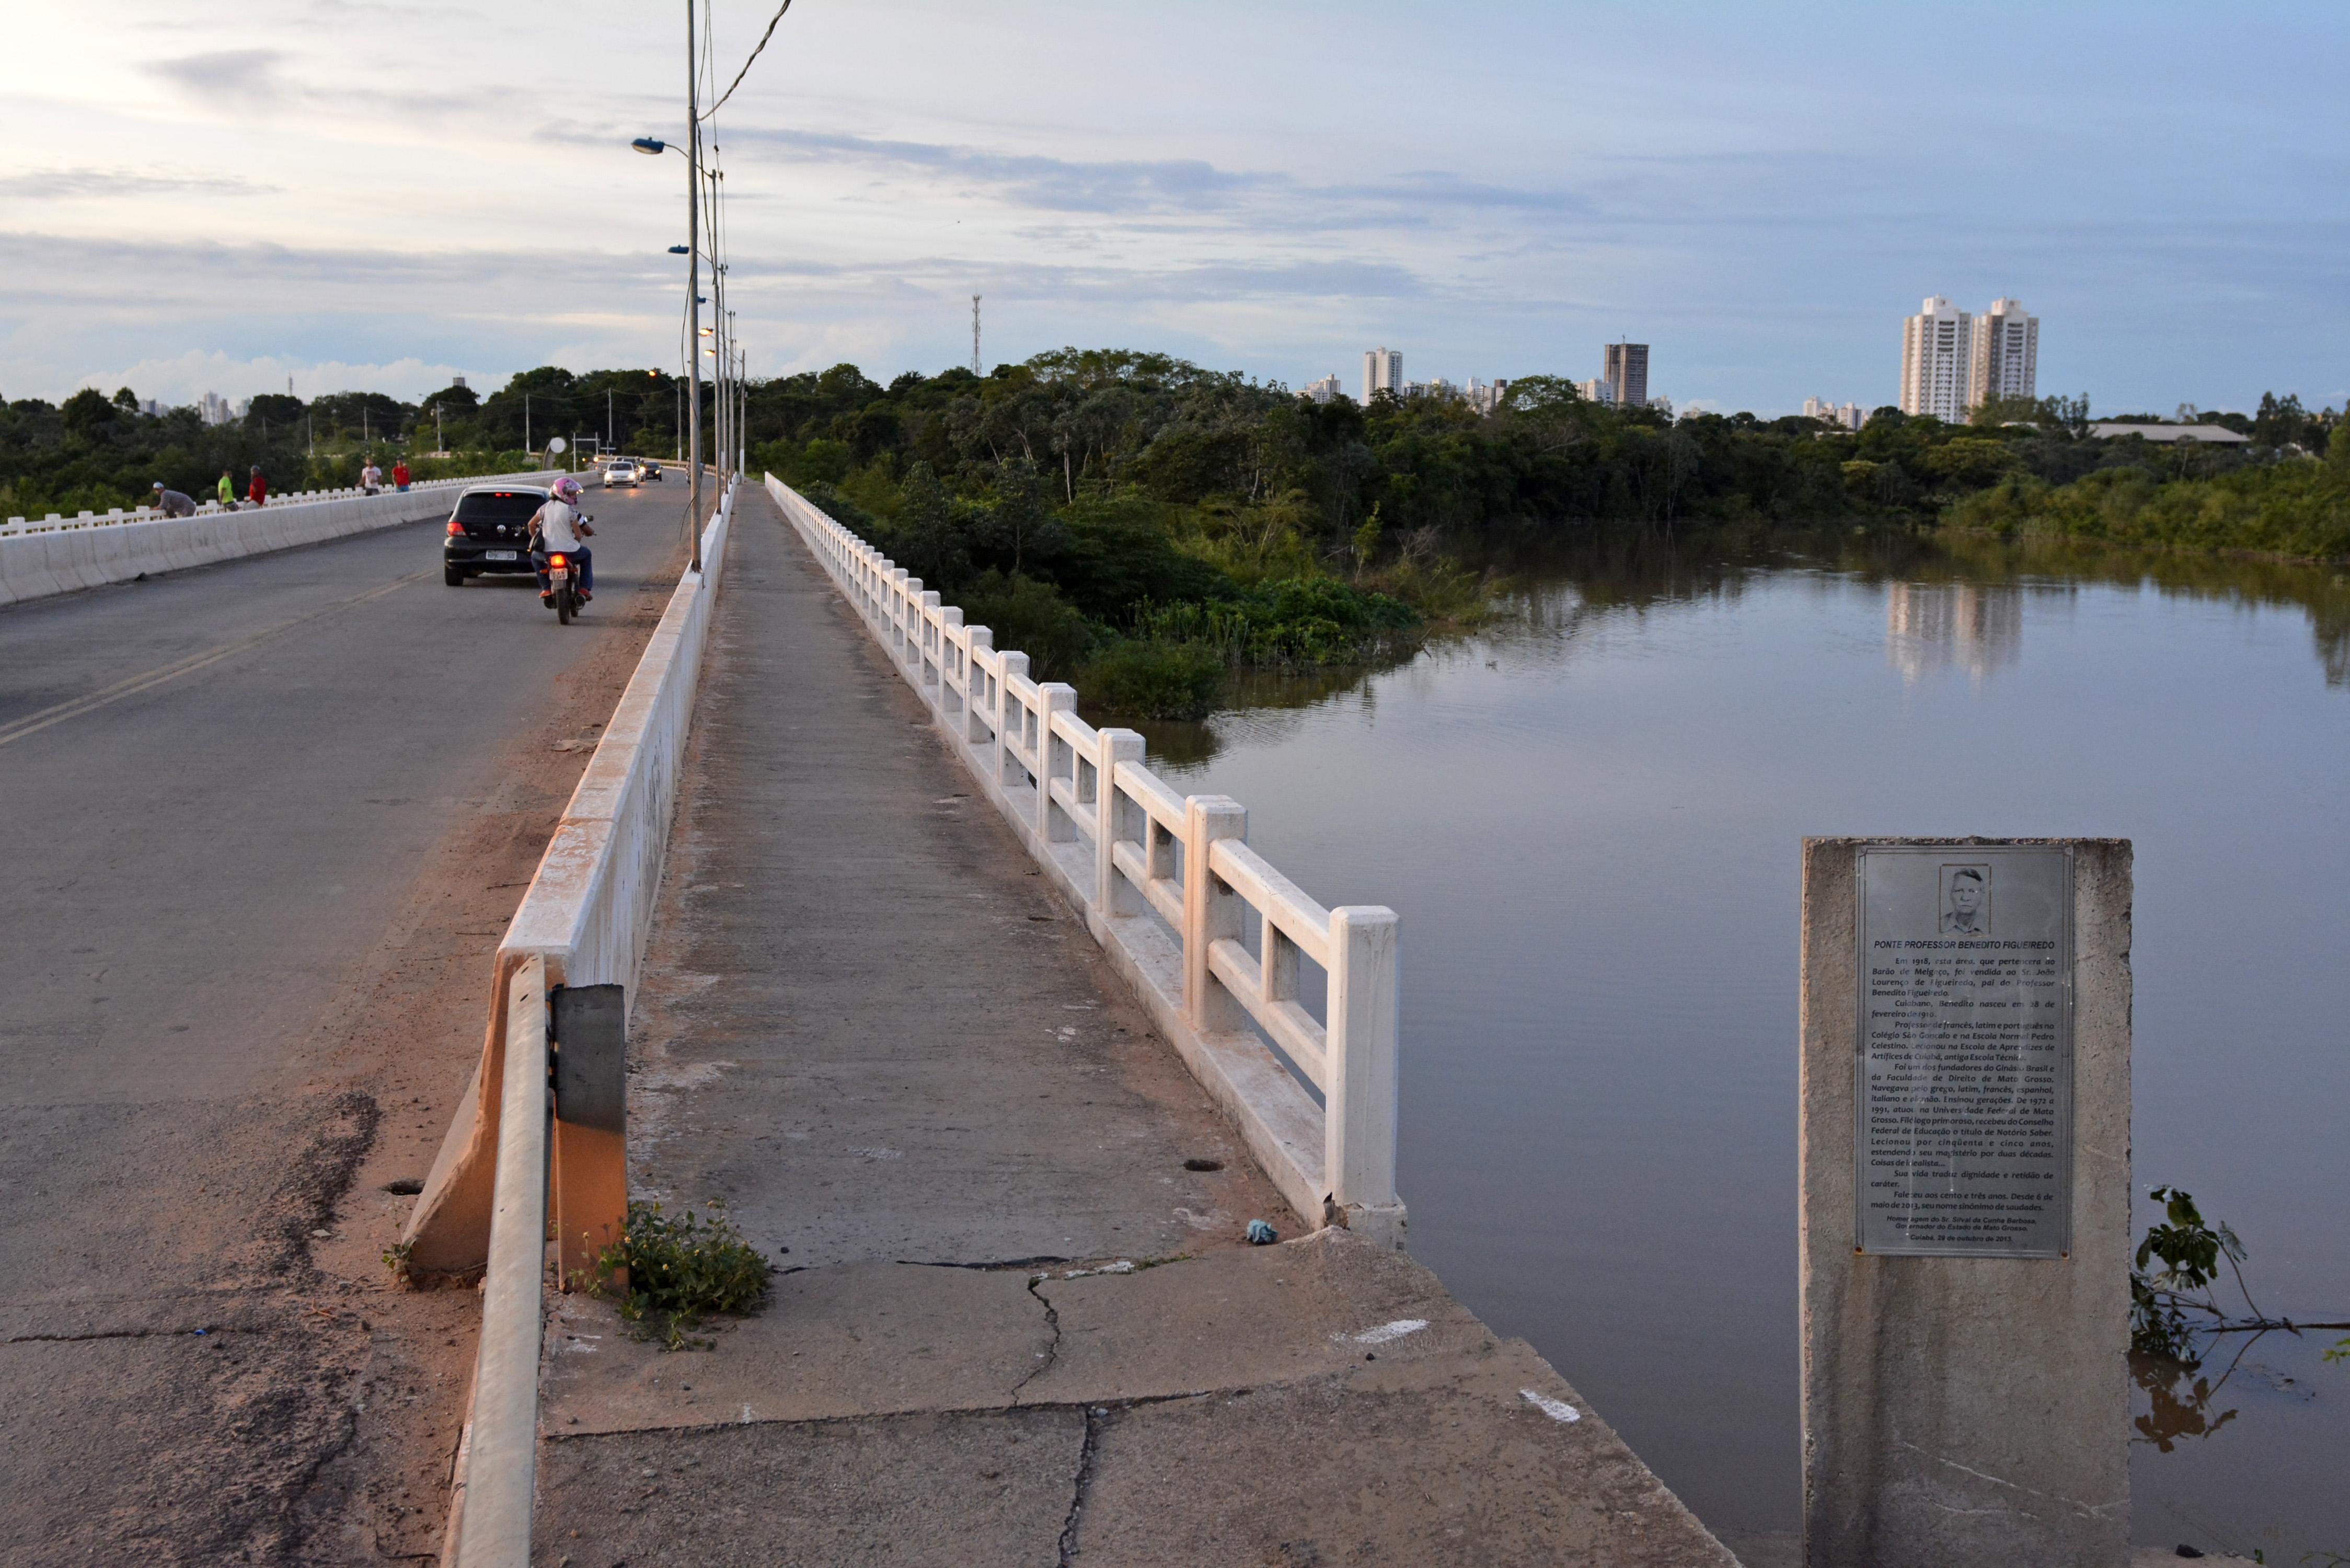 Prefeitura promete liberar tráfego em ponte no Coxipó em dez dias - O Livre